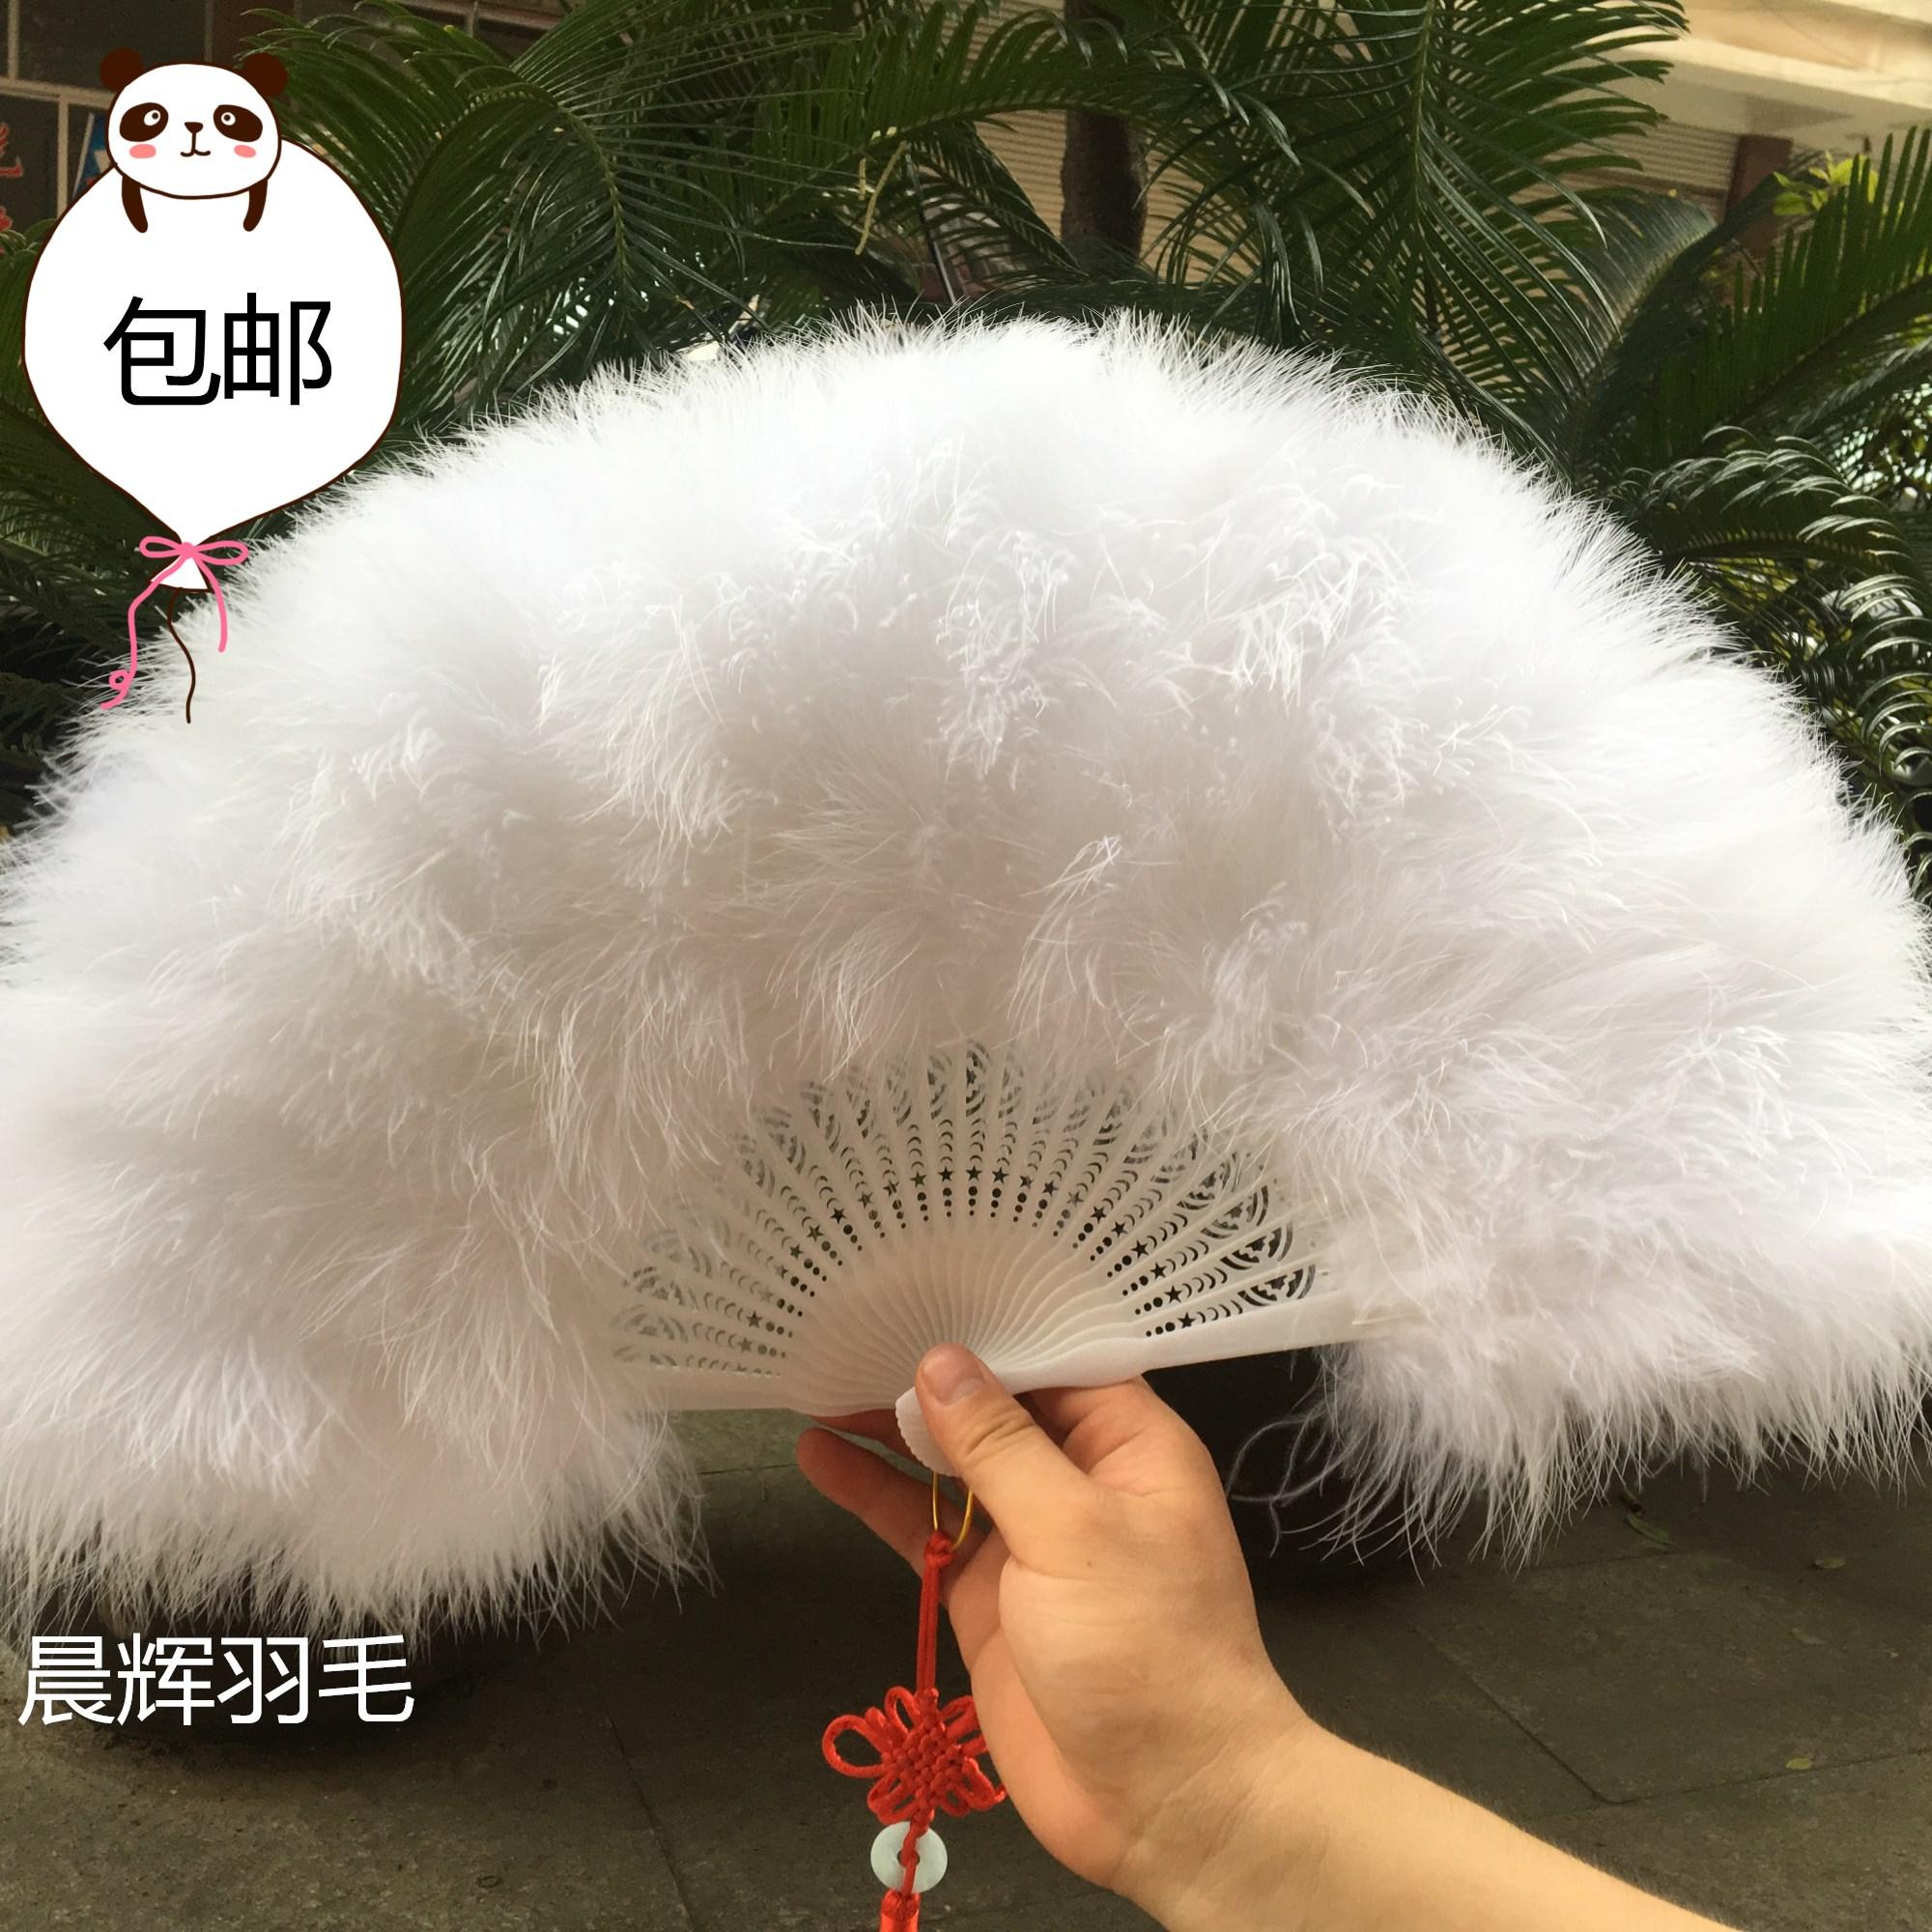 Бесплатная доставка бутик весь бархат толстый шлейф вентилятор стандарт веер cheongsam переходный мостик этап производительность танец вентилятор 50*30